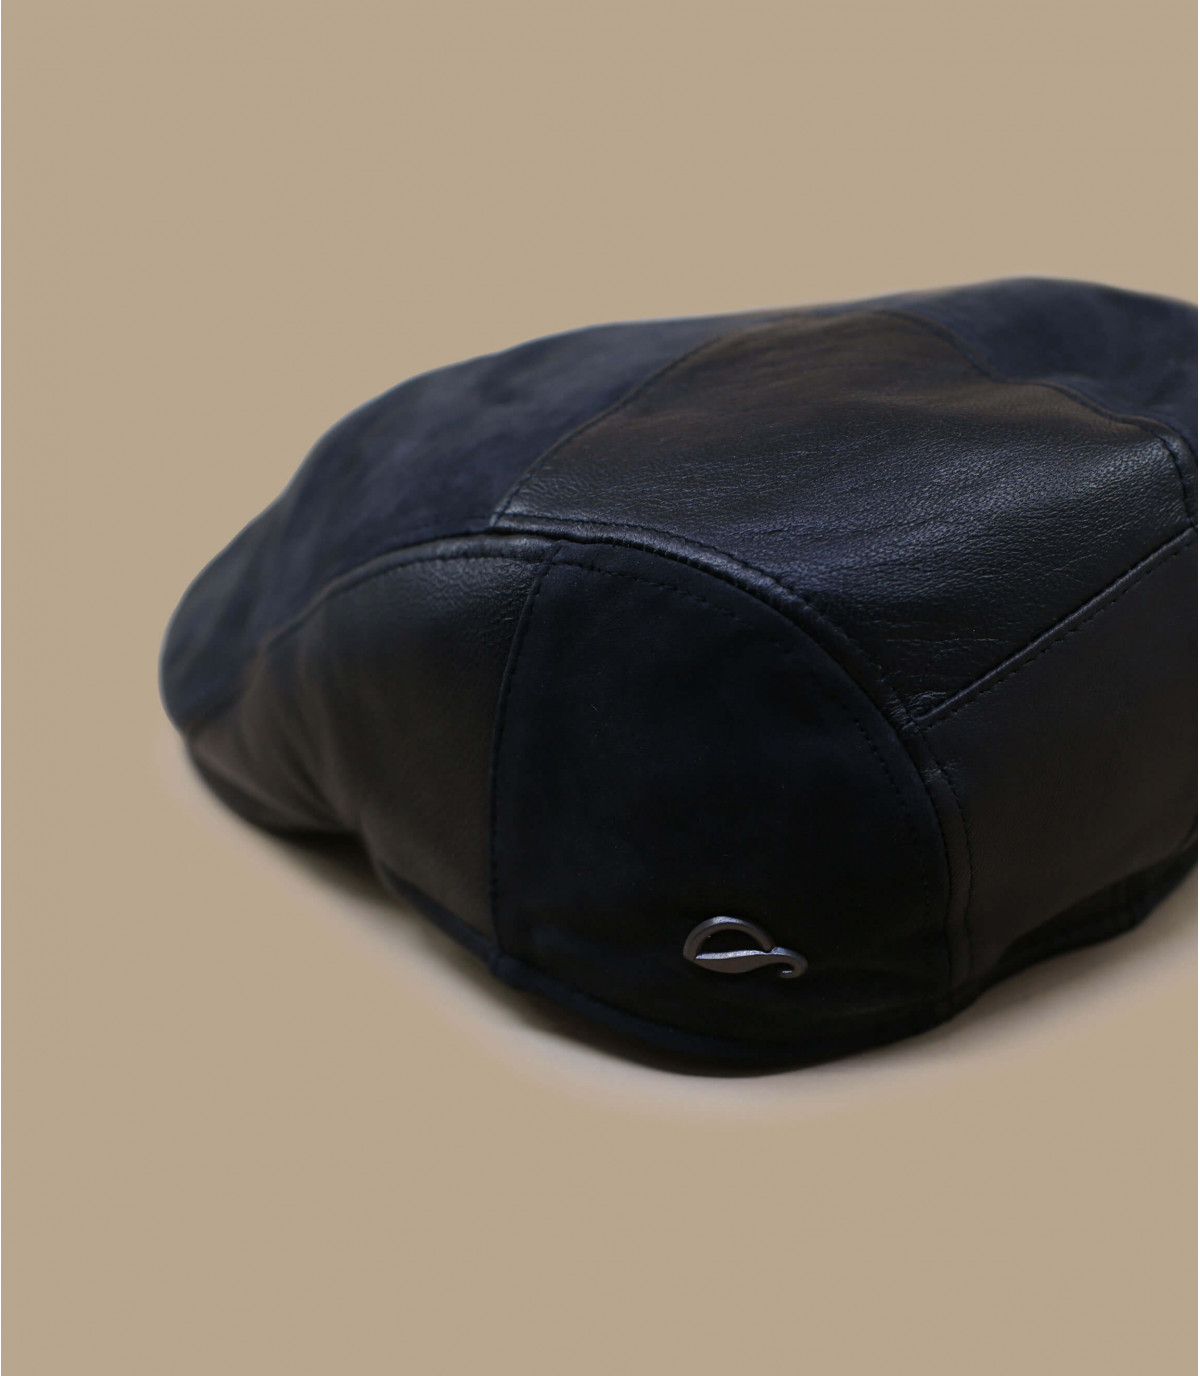 Détails Brighton Patchwork Leather black - image 2